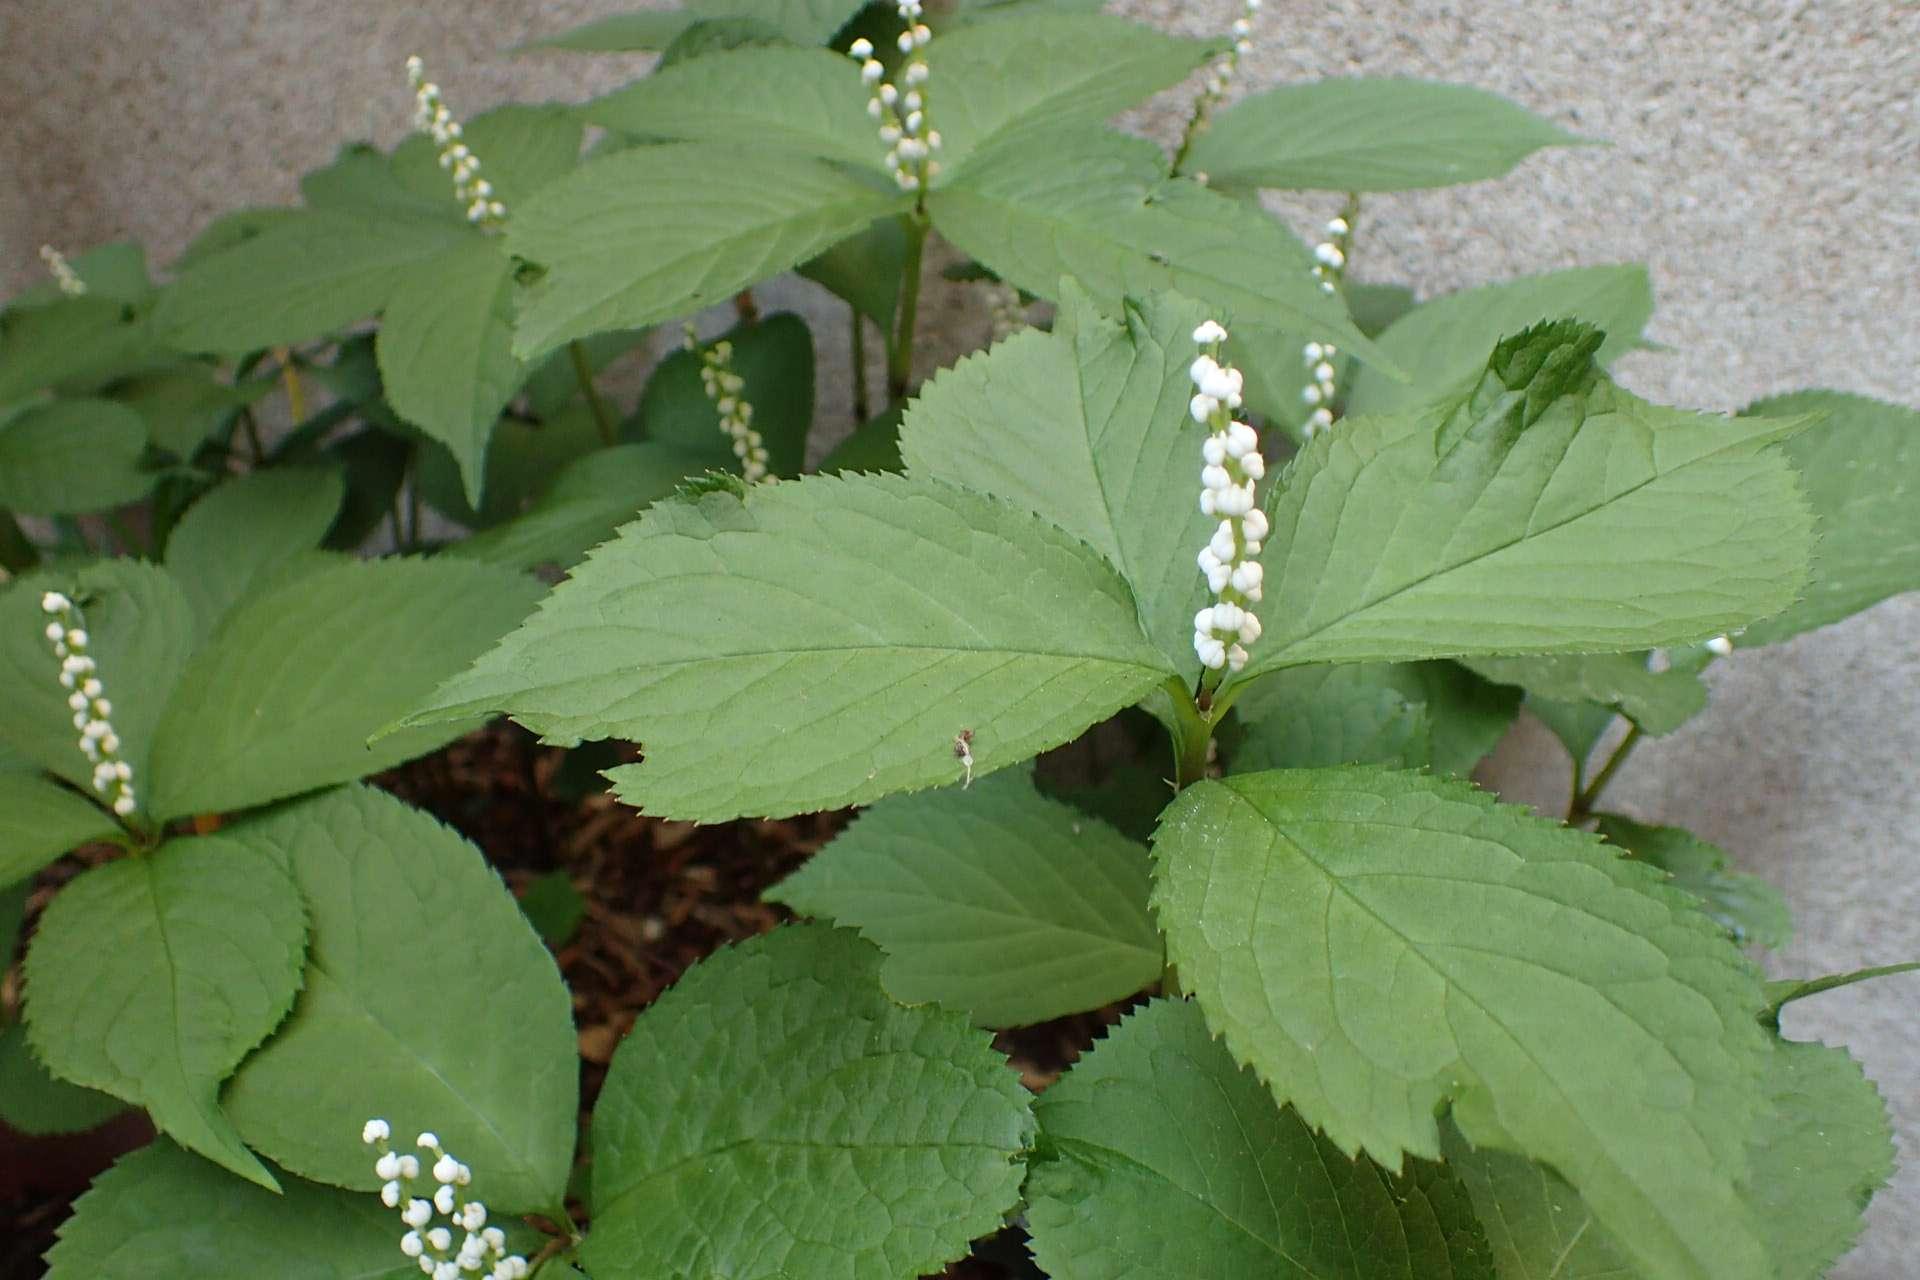 Chloranthus serratus